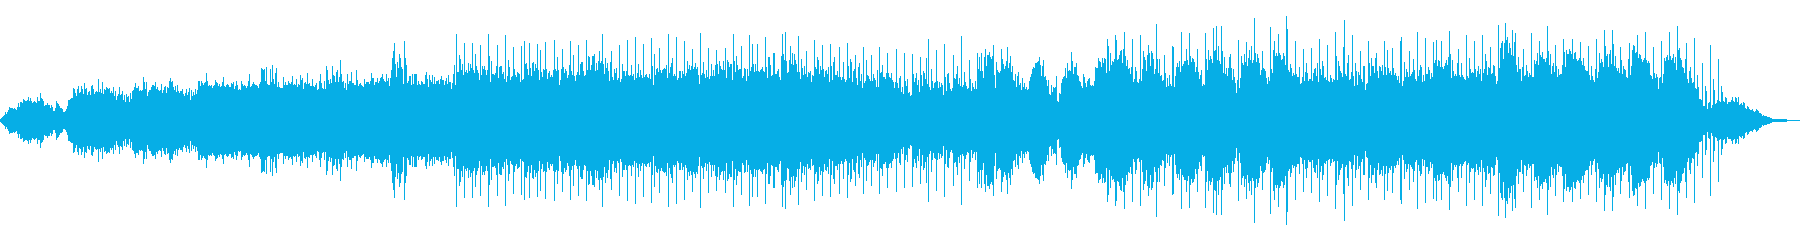 アンビエント テクノロジー 弦楽器...の再生済みの波形